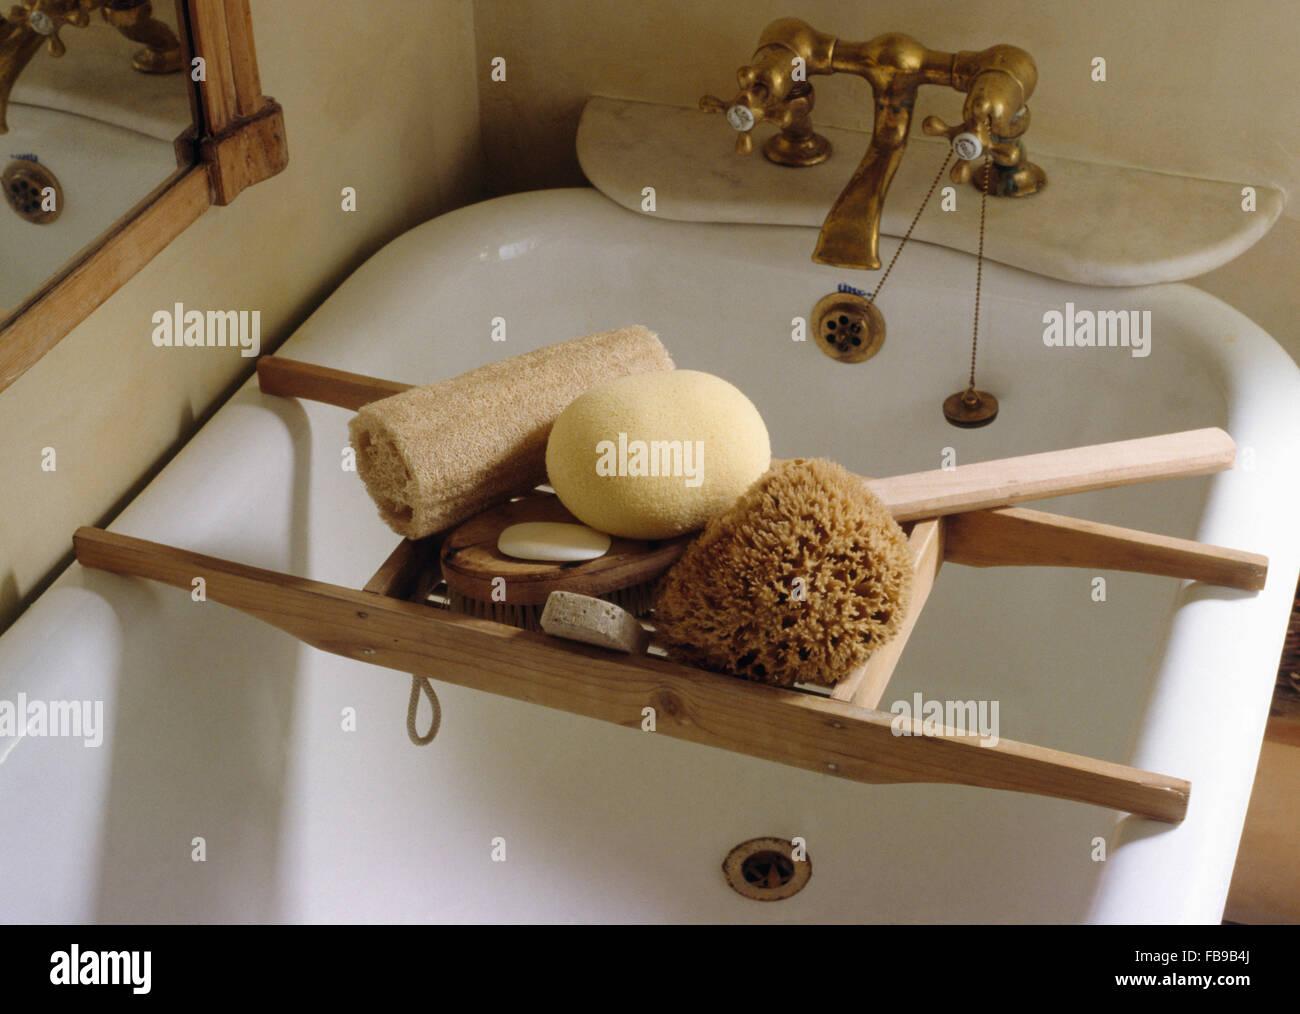 E spugna luffa su vintage bagno in legno su rack roll top bagno